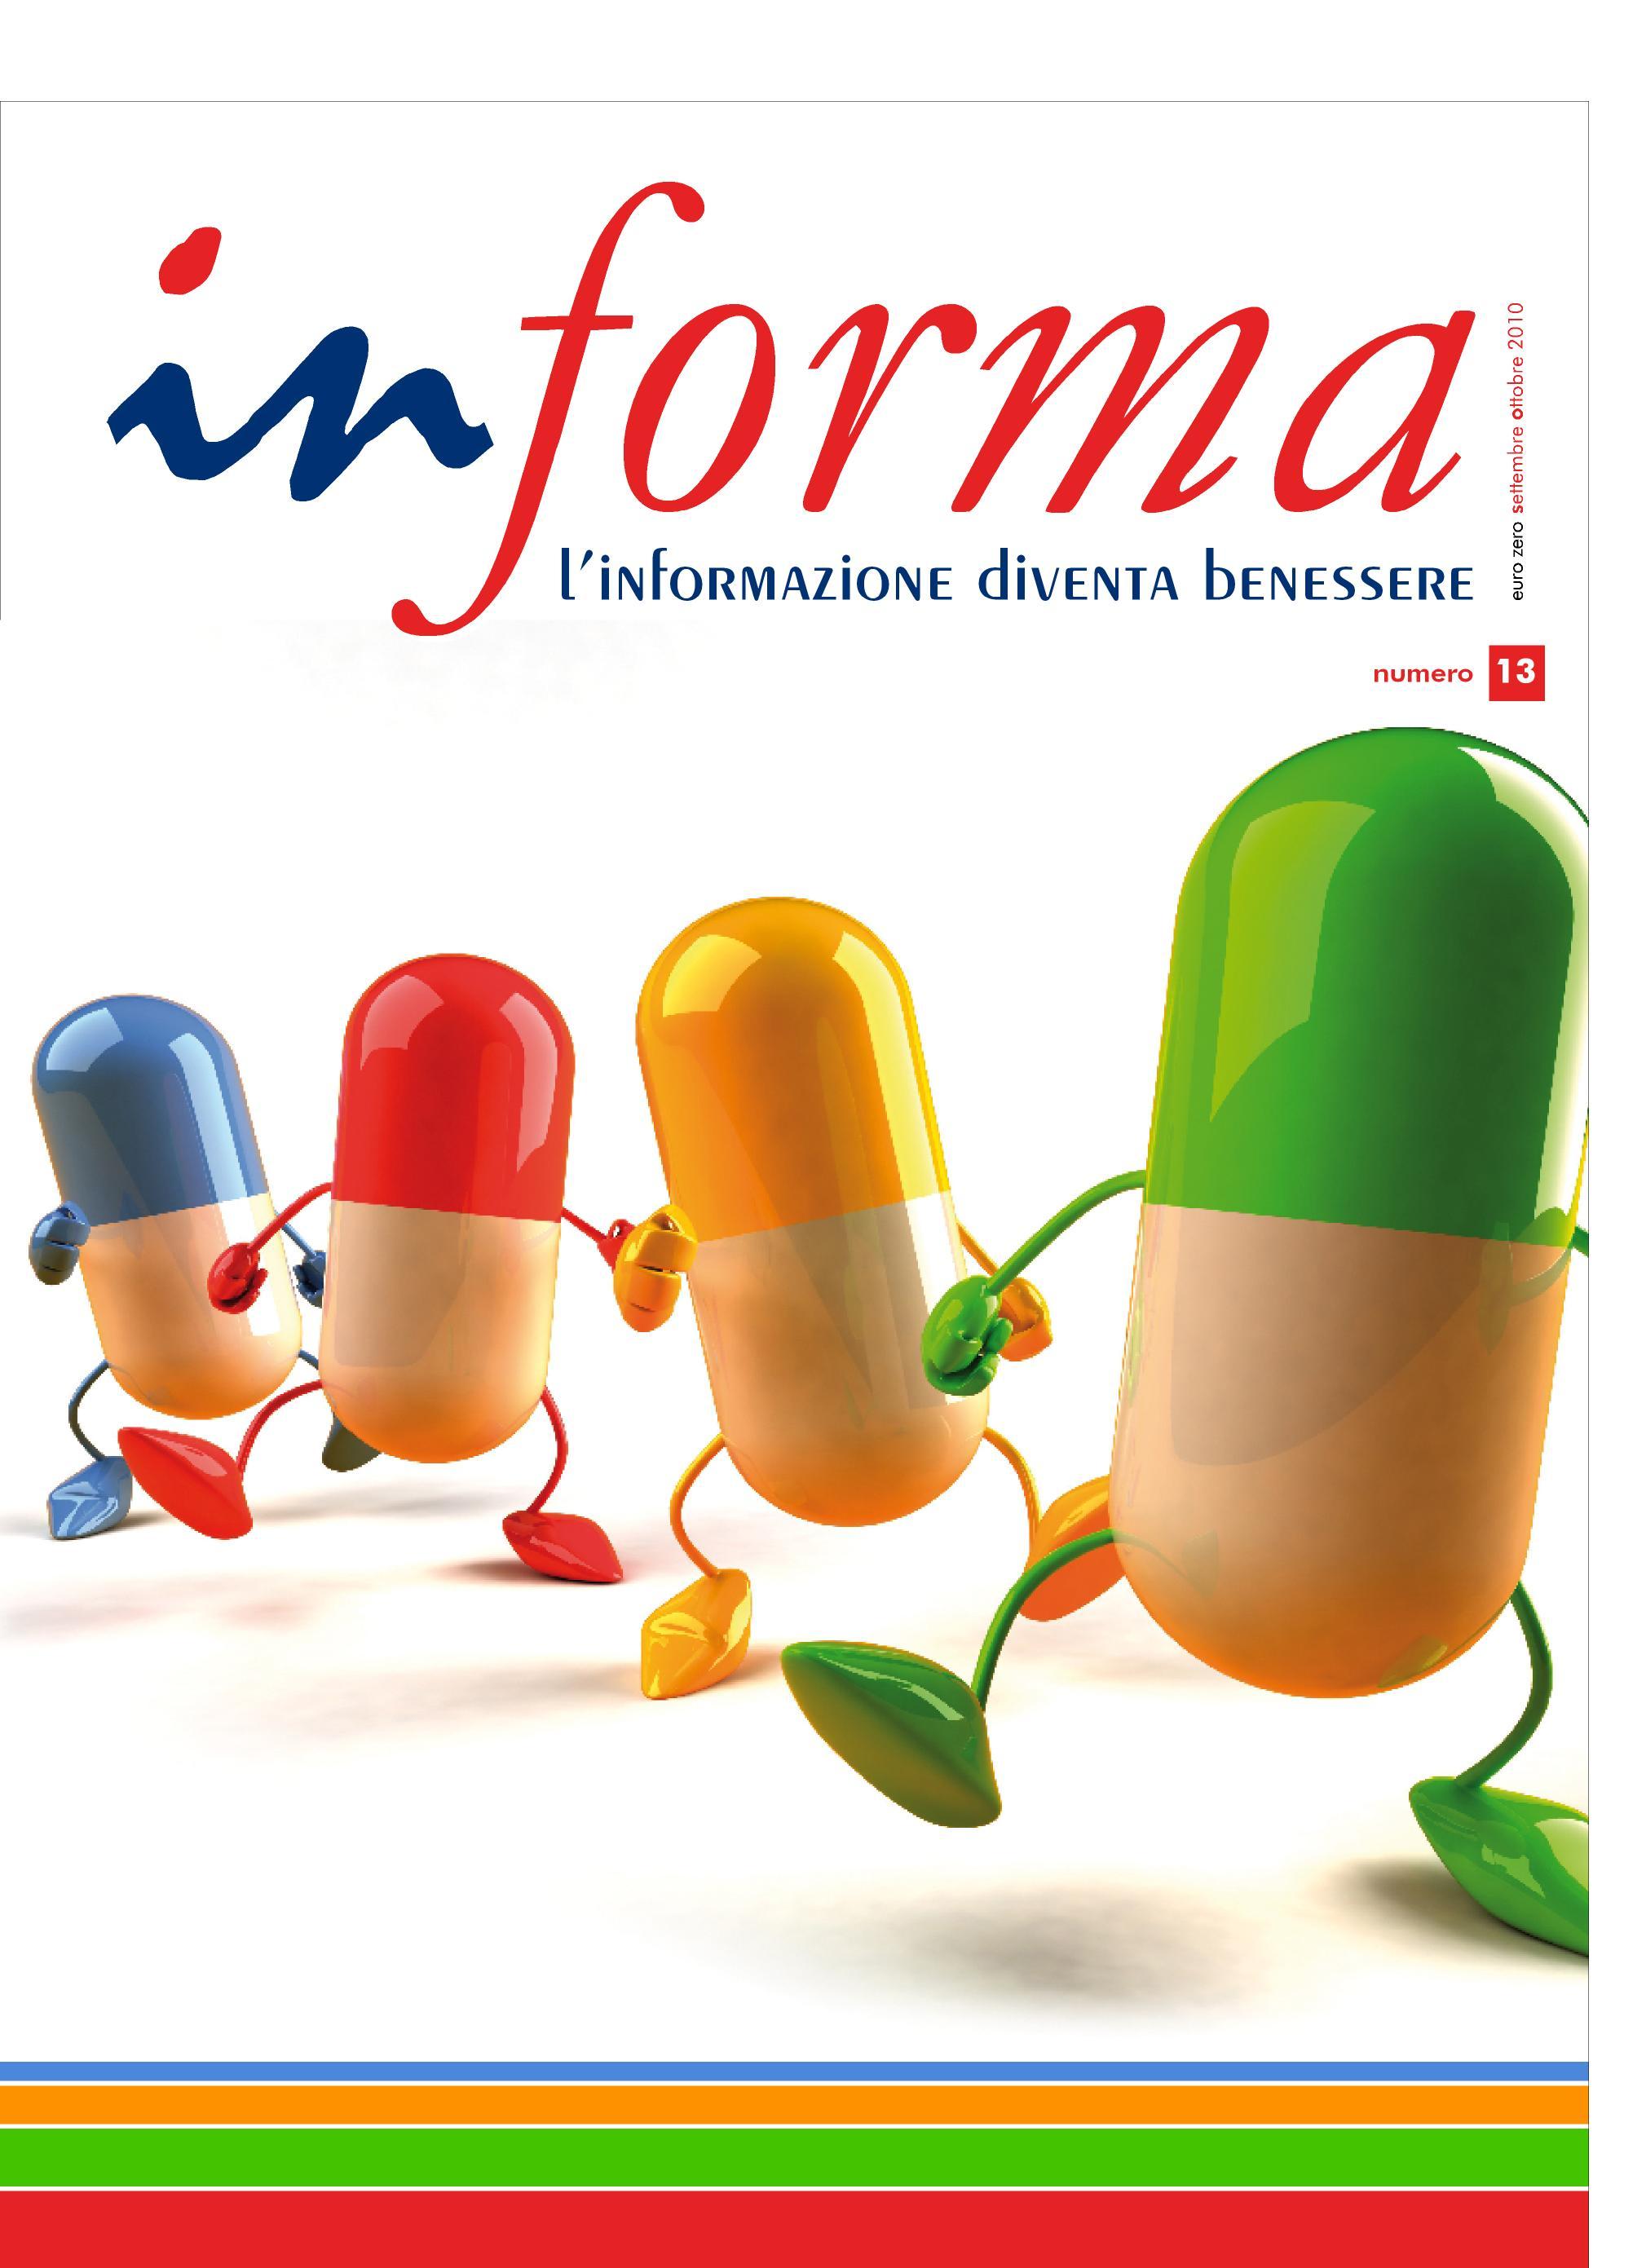 La copertina rappresenta quattro pillole animate e colorate una blu, una gialla, una rossa e verde infila indiana che stanno camminando